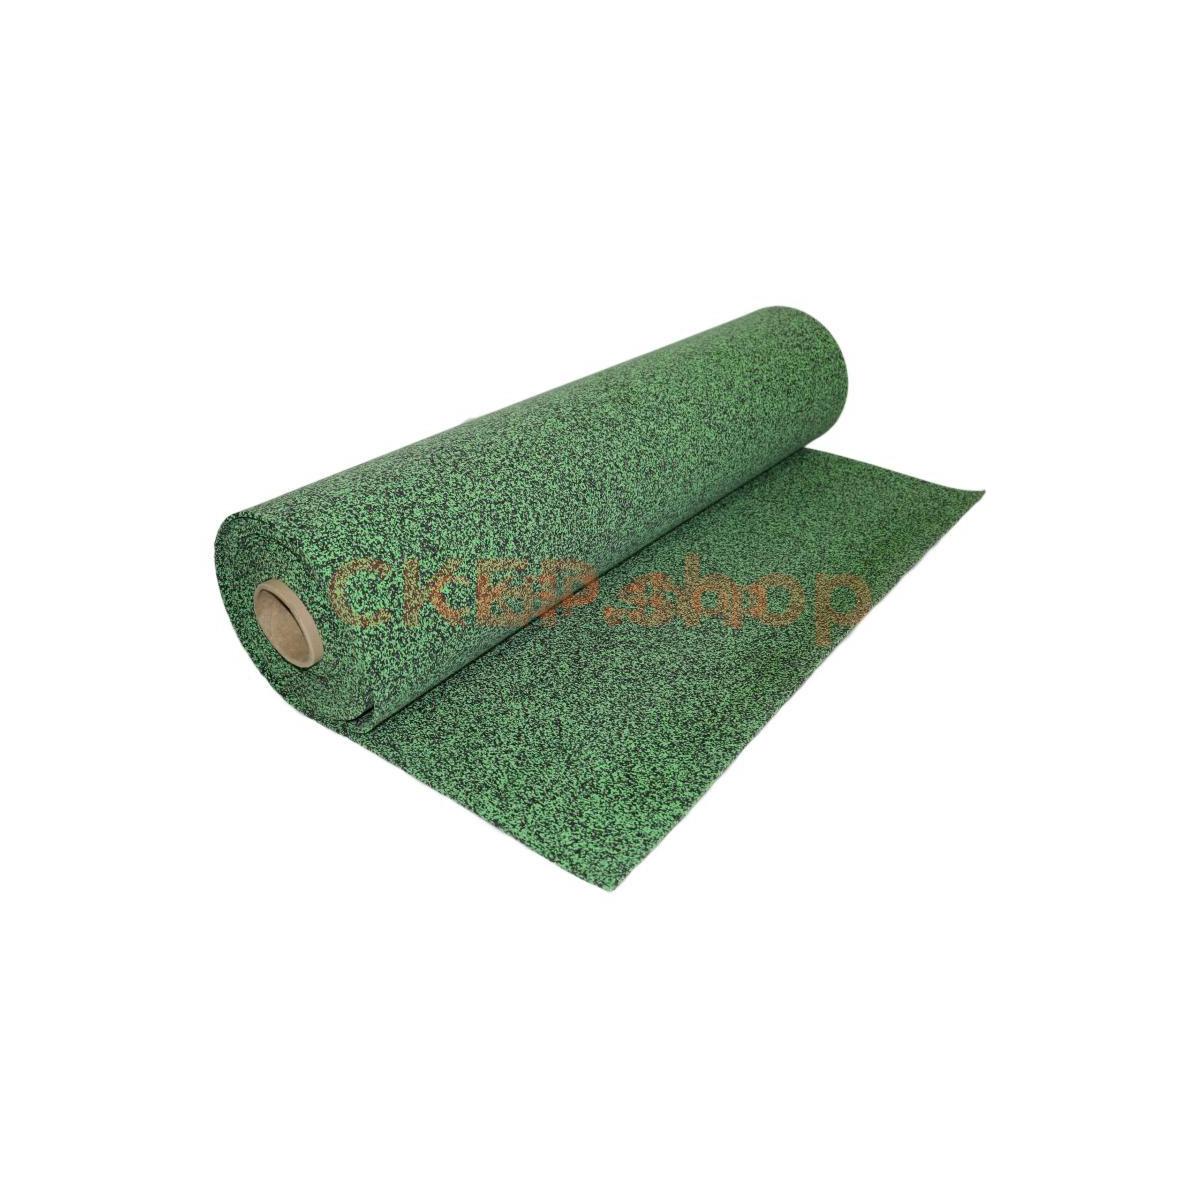 Покрытие из резиновой крошки рулонное EPDM 50%, 6 мм, зеленый